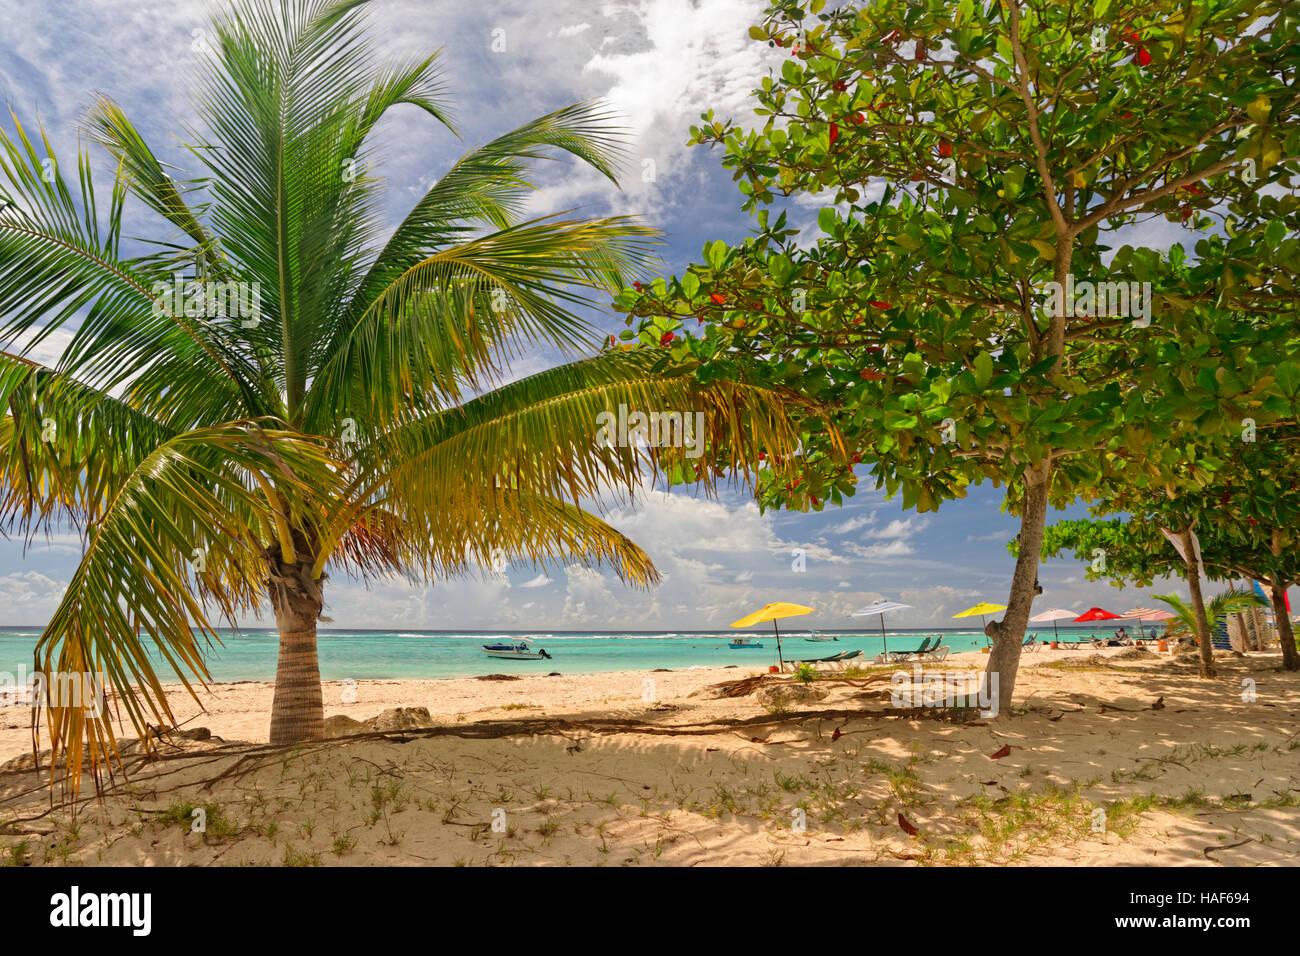 Worthing Strand in Worthing, zwischen St. Lawrence Gap und Bridgetown, Barbados, Caribbean. Stockbild